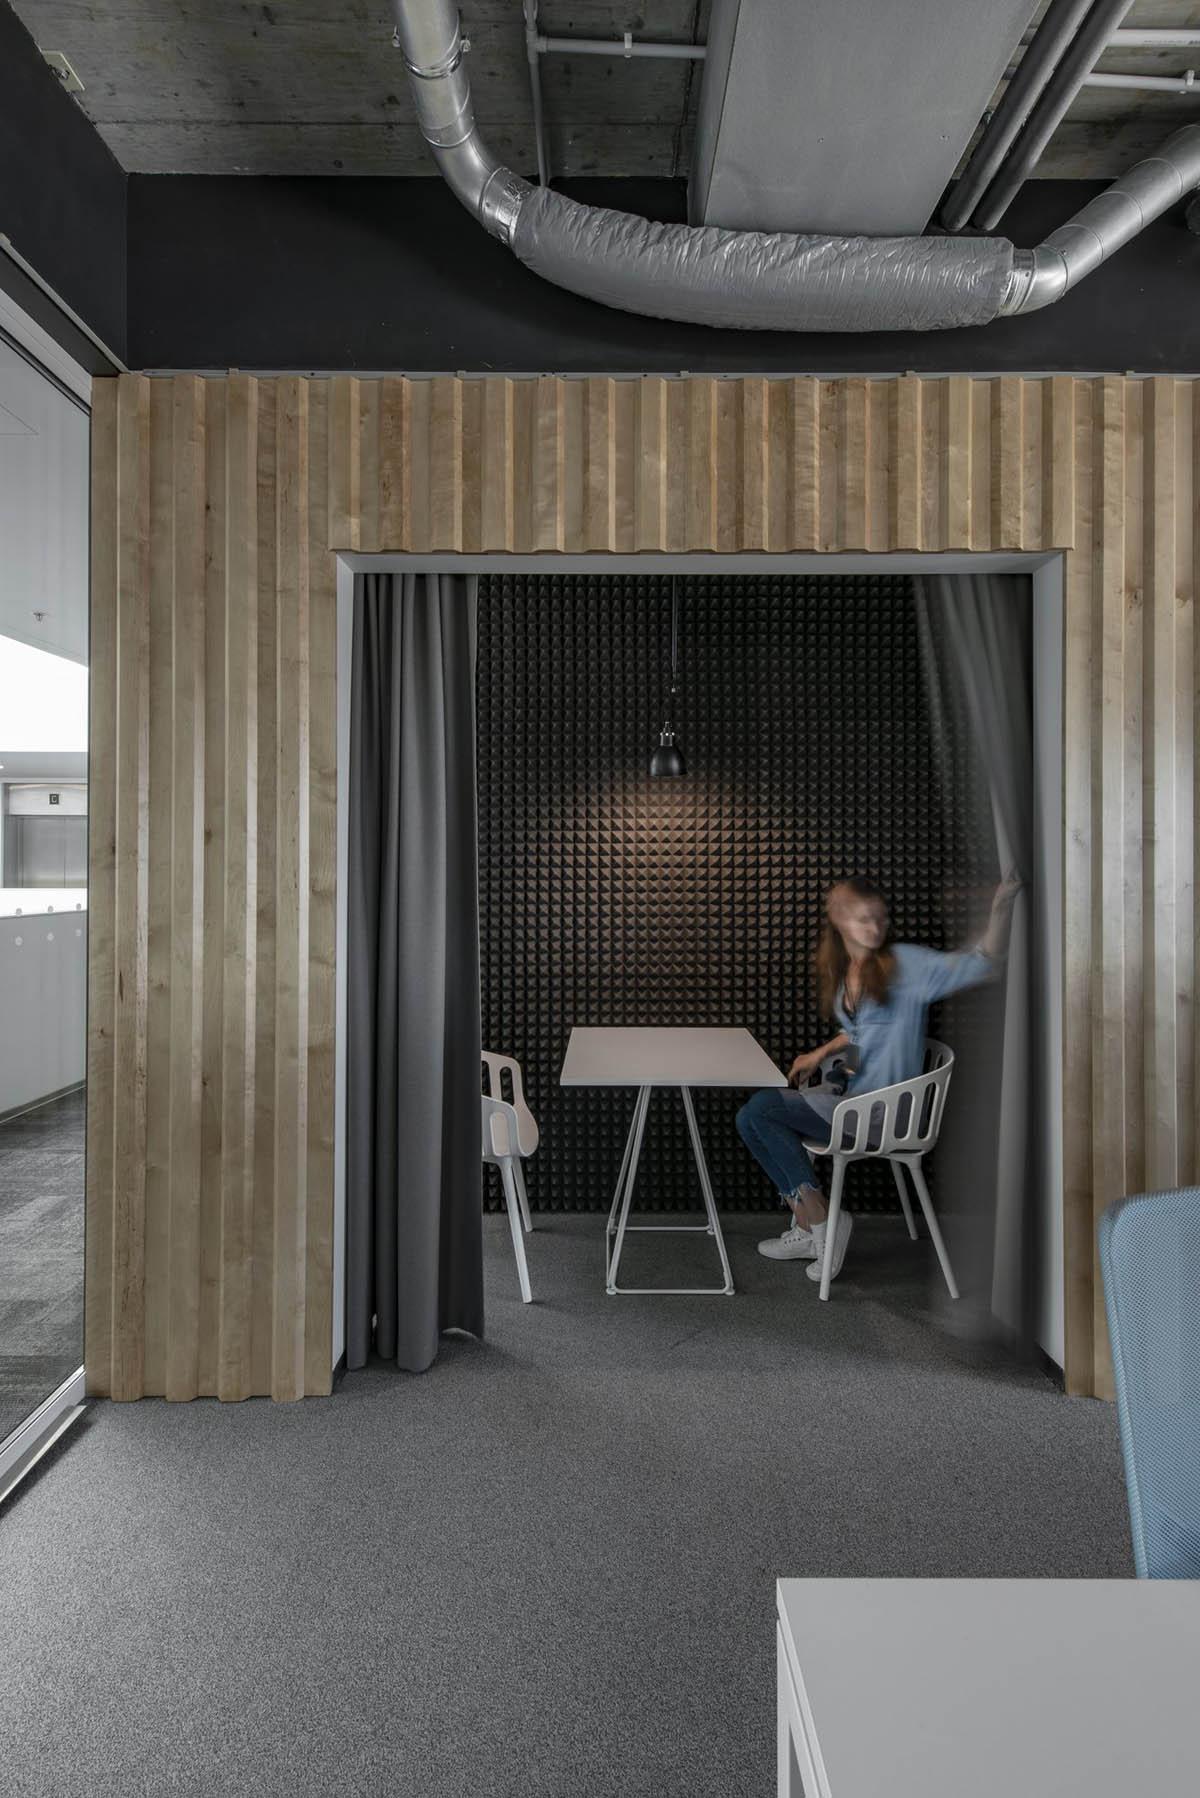 800㎡办公空间设计,精通空间布局,诠释工作态度|LAVA studio - 21